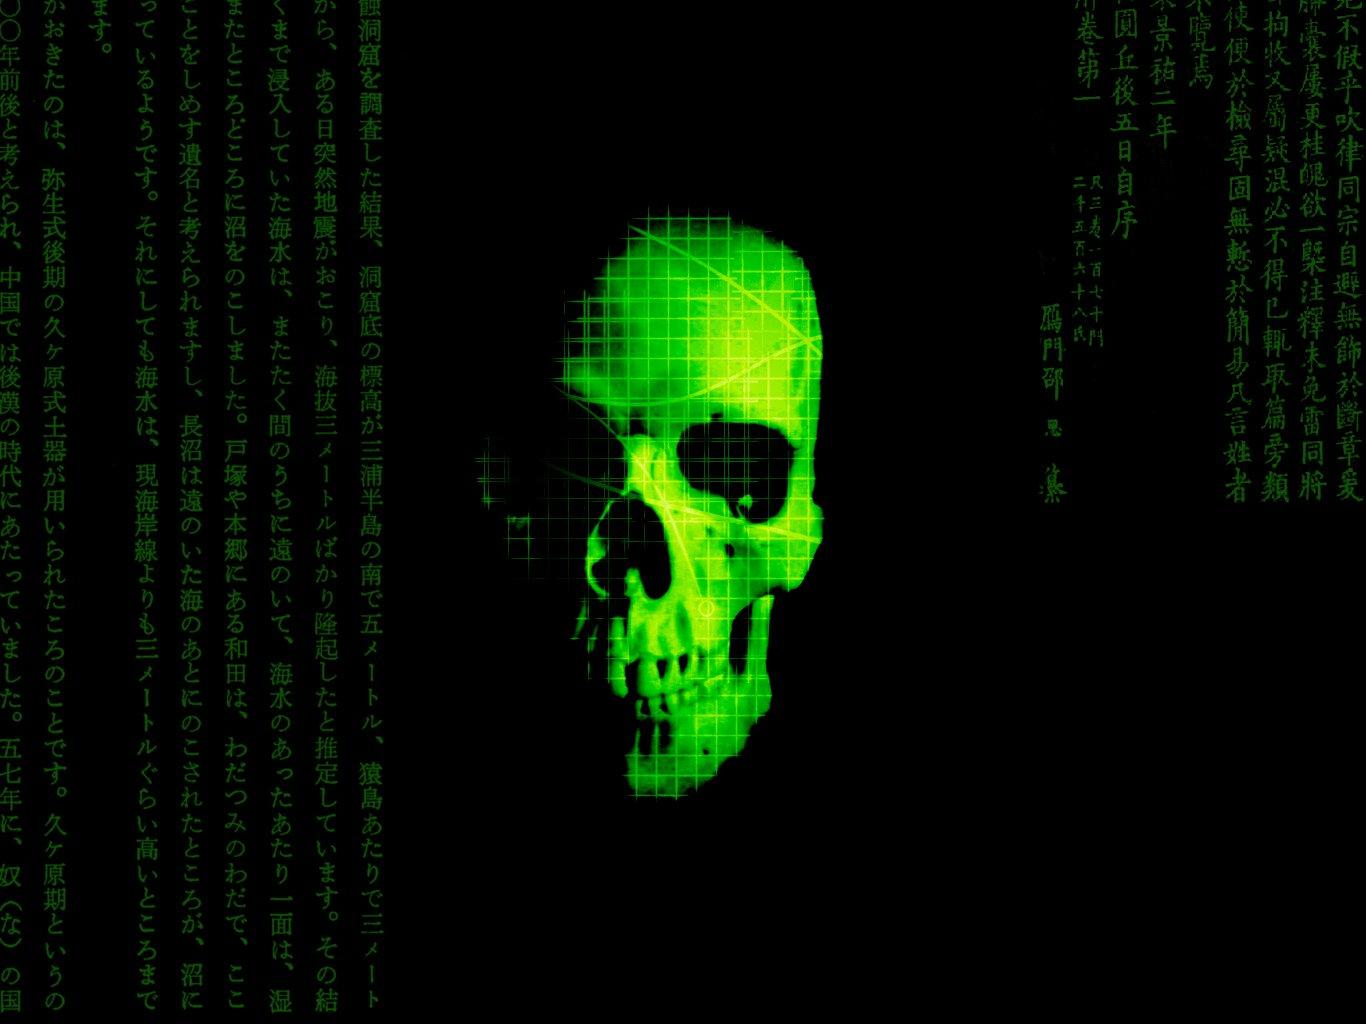 Skull Computer Wallpapers, Desktop Backgrounds   1366x1024 ...